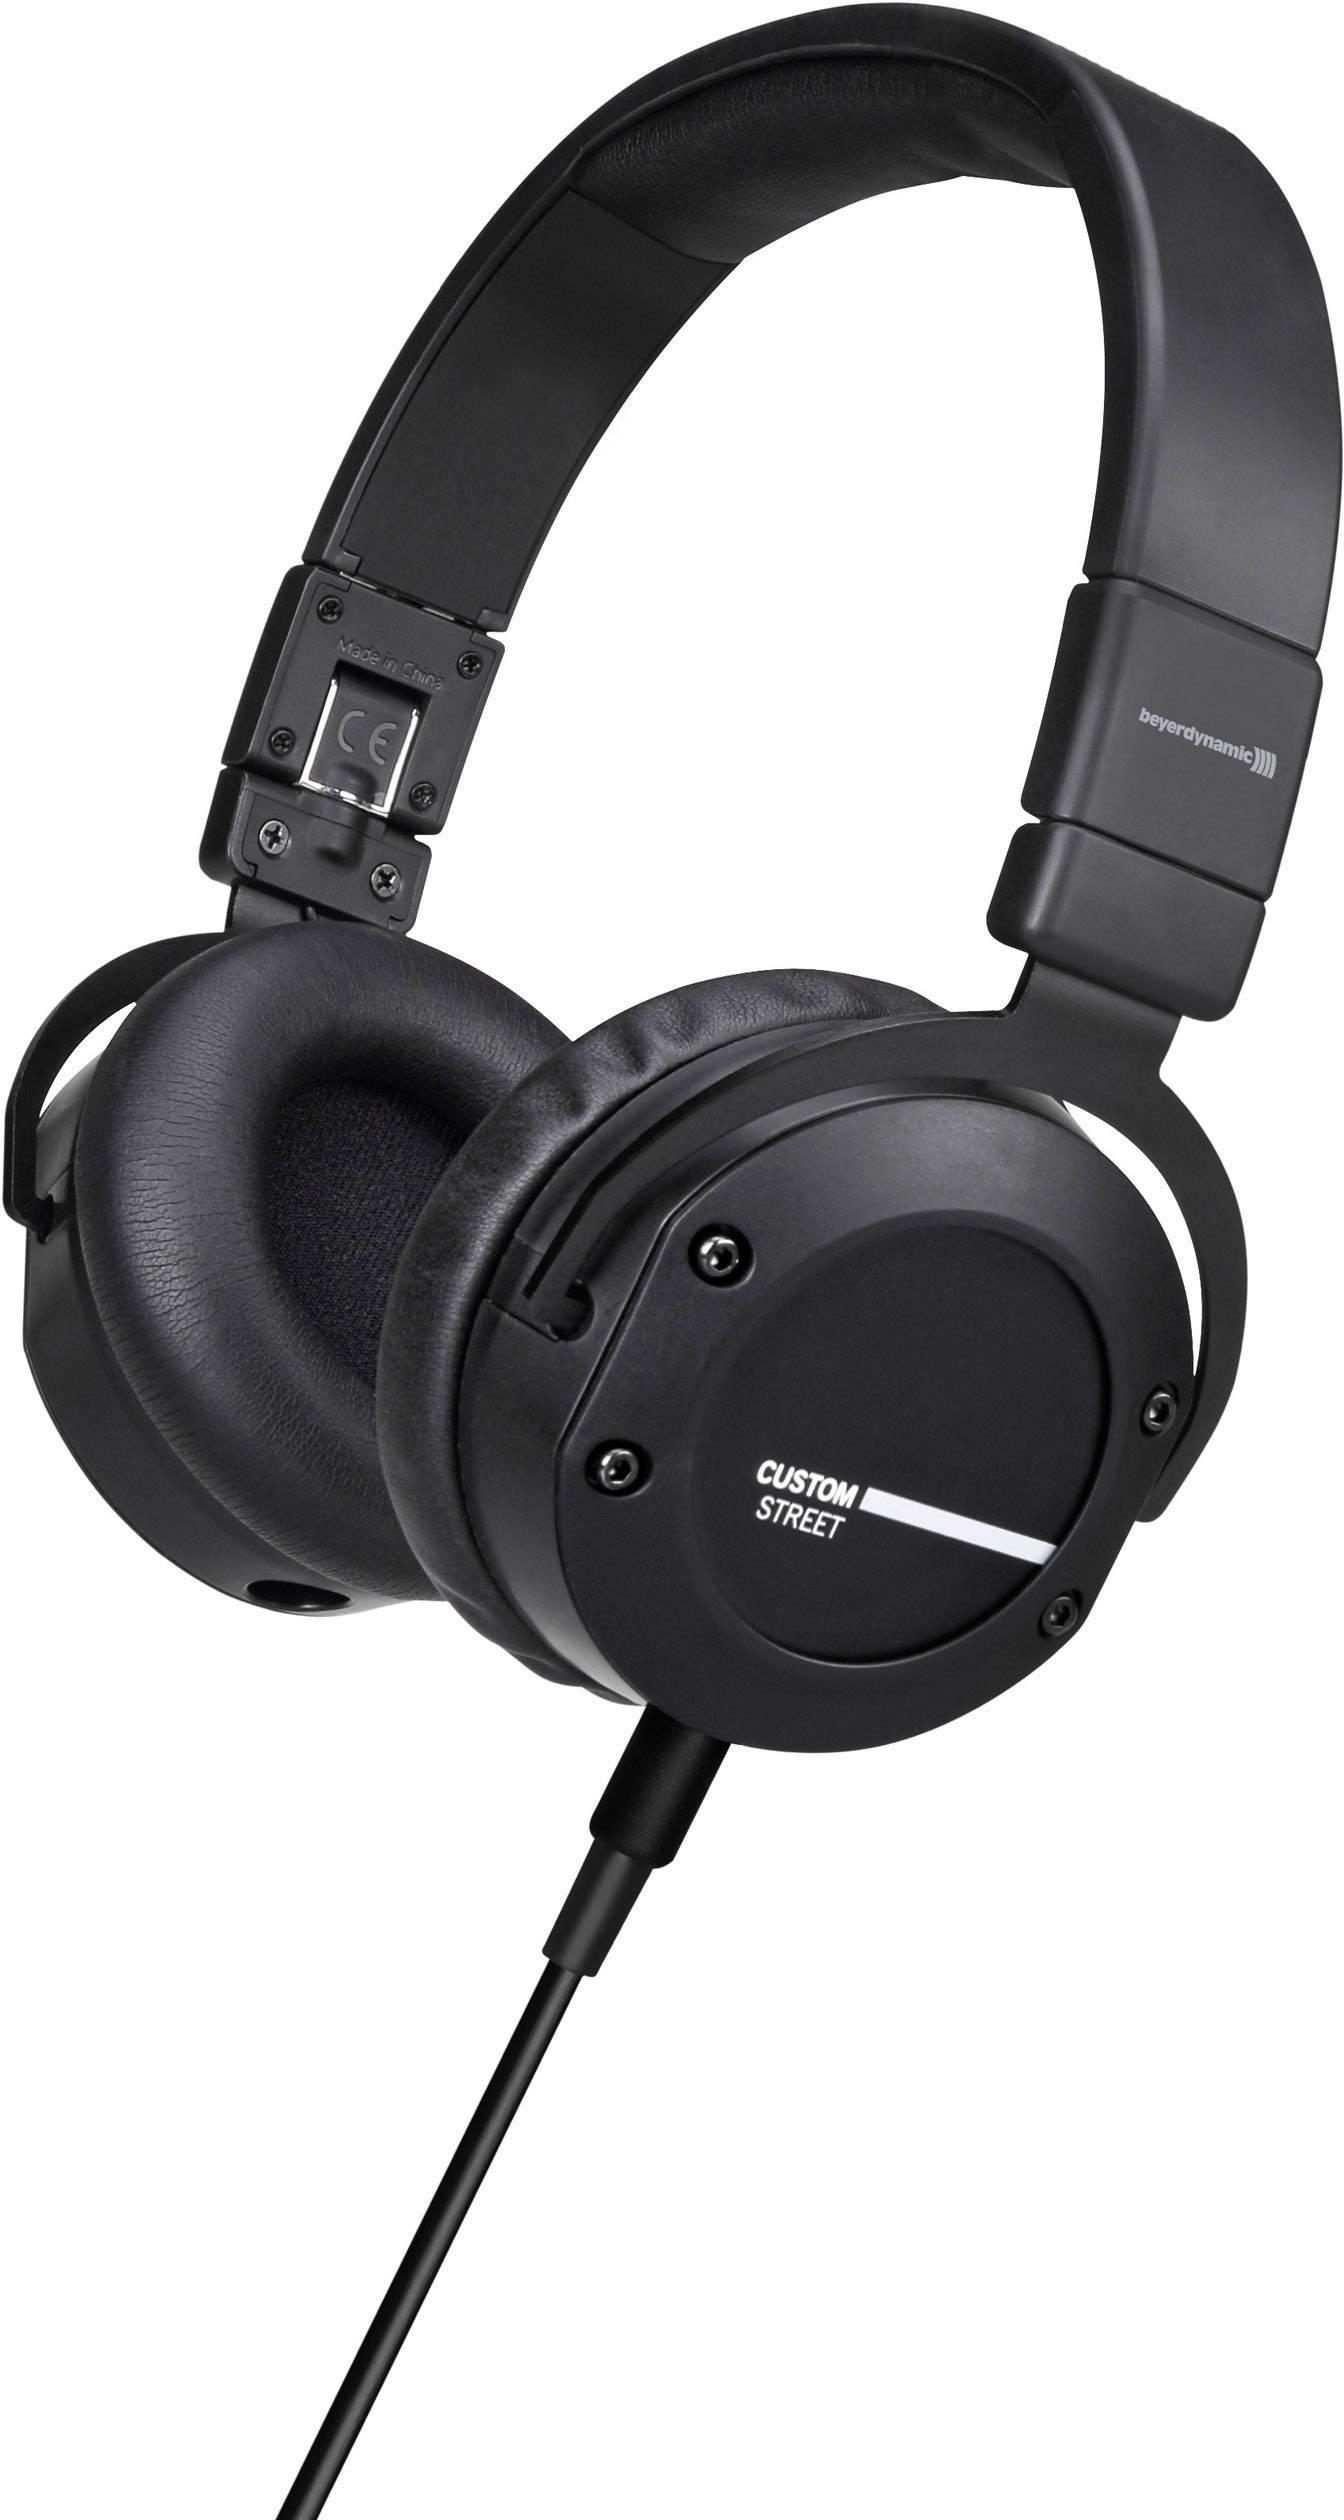 Skladacie Hi-Fi slúchadlá Beyerdynamic Custom Street 706205, s púzdrom, čierna